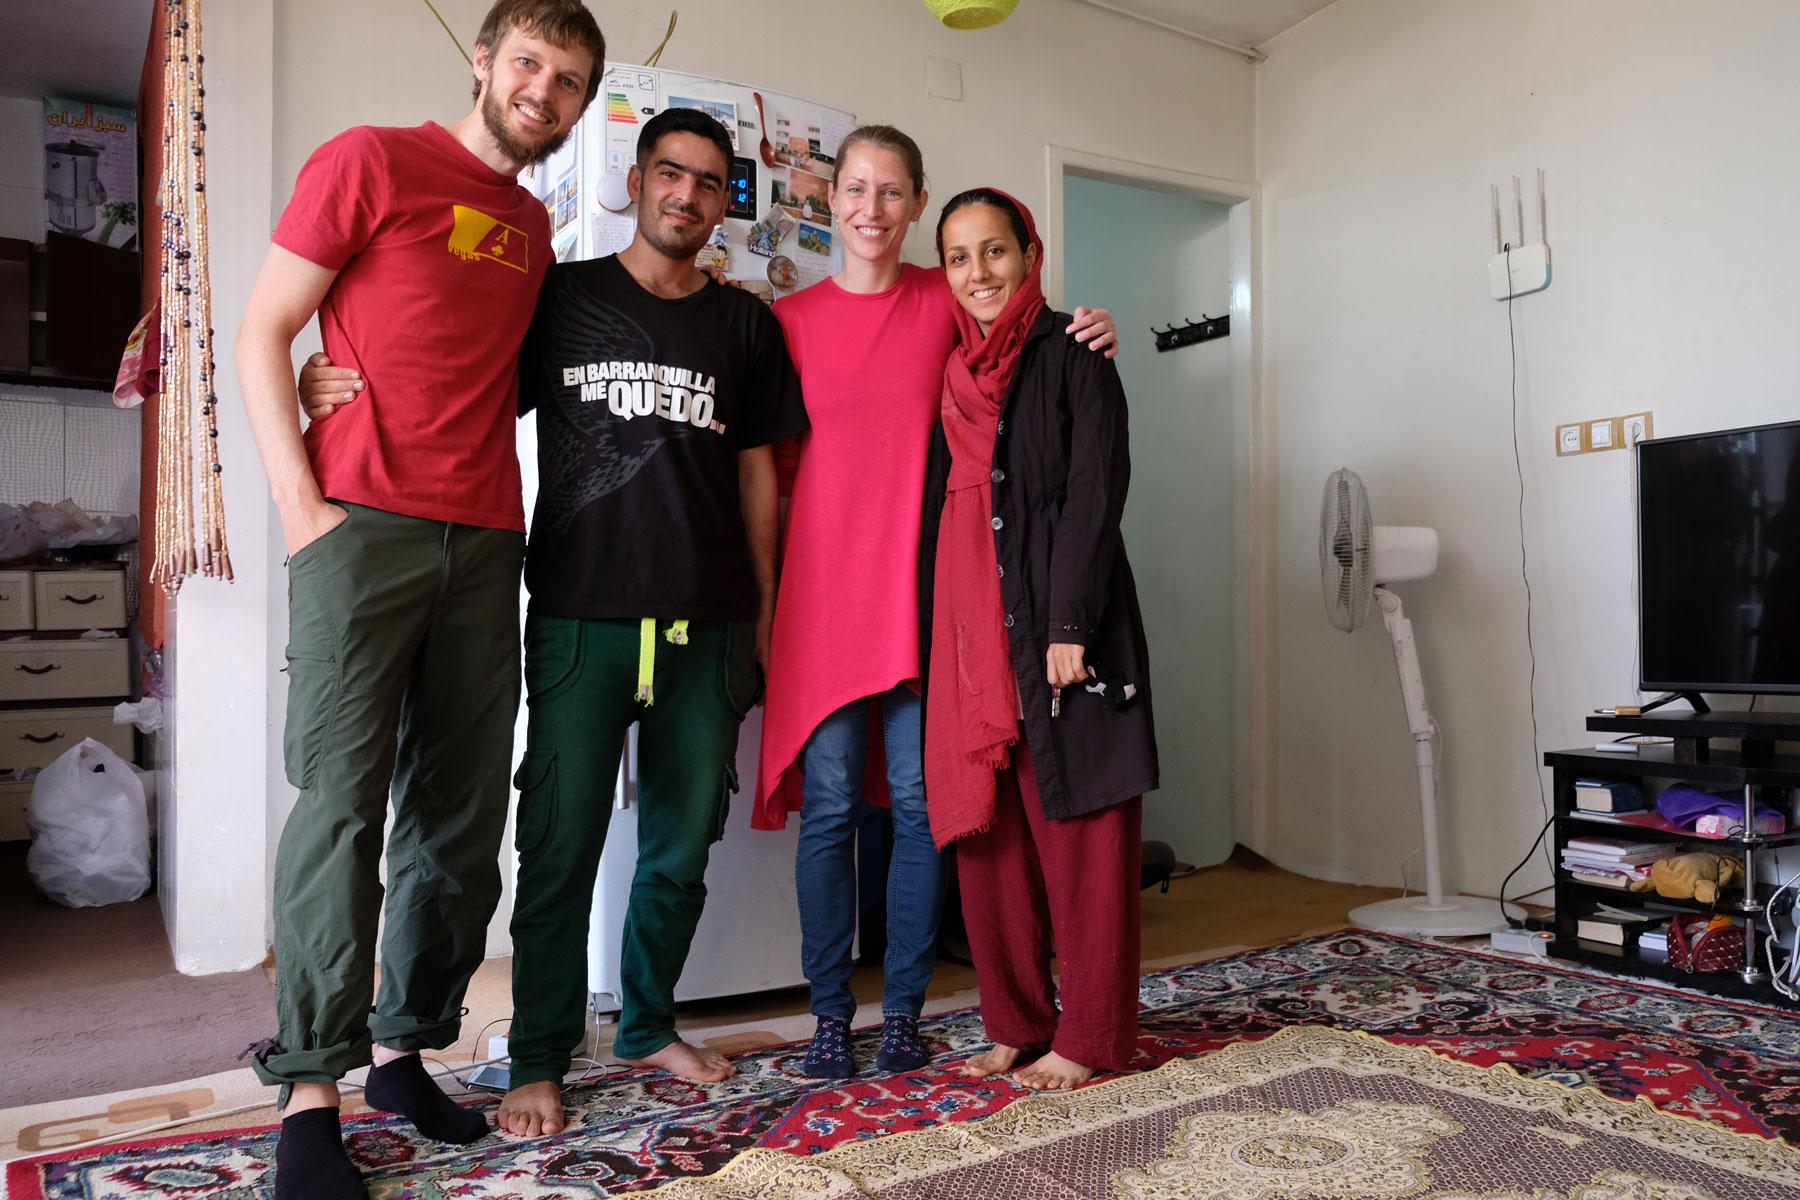 Leo und Sebastian stehen mit Mehrane und Mahmoud in ihrem kleinen Hostel in Shiraz.